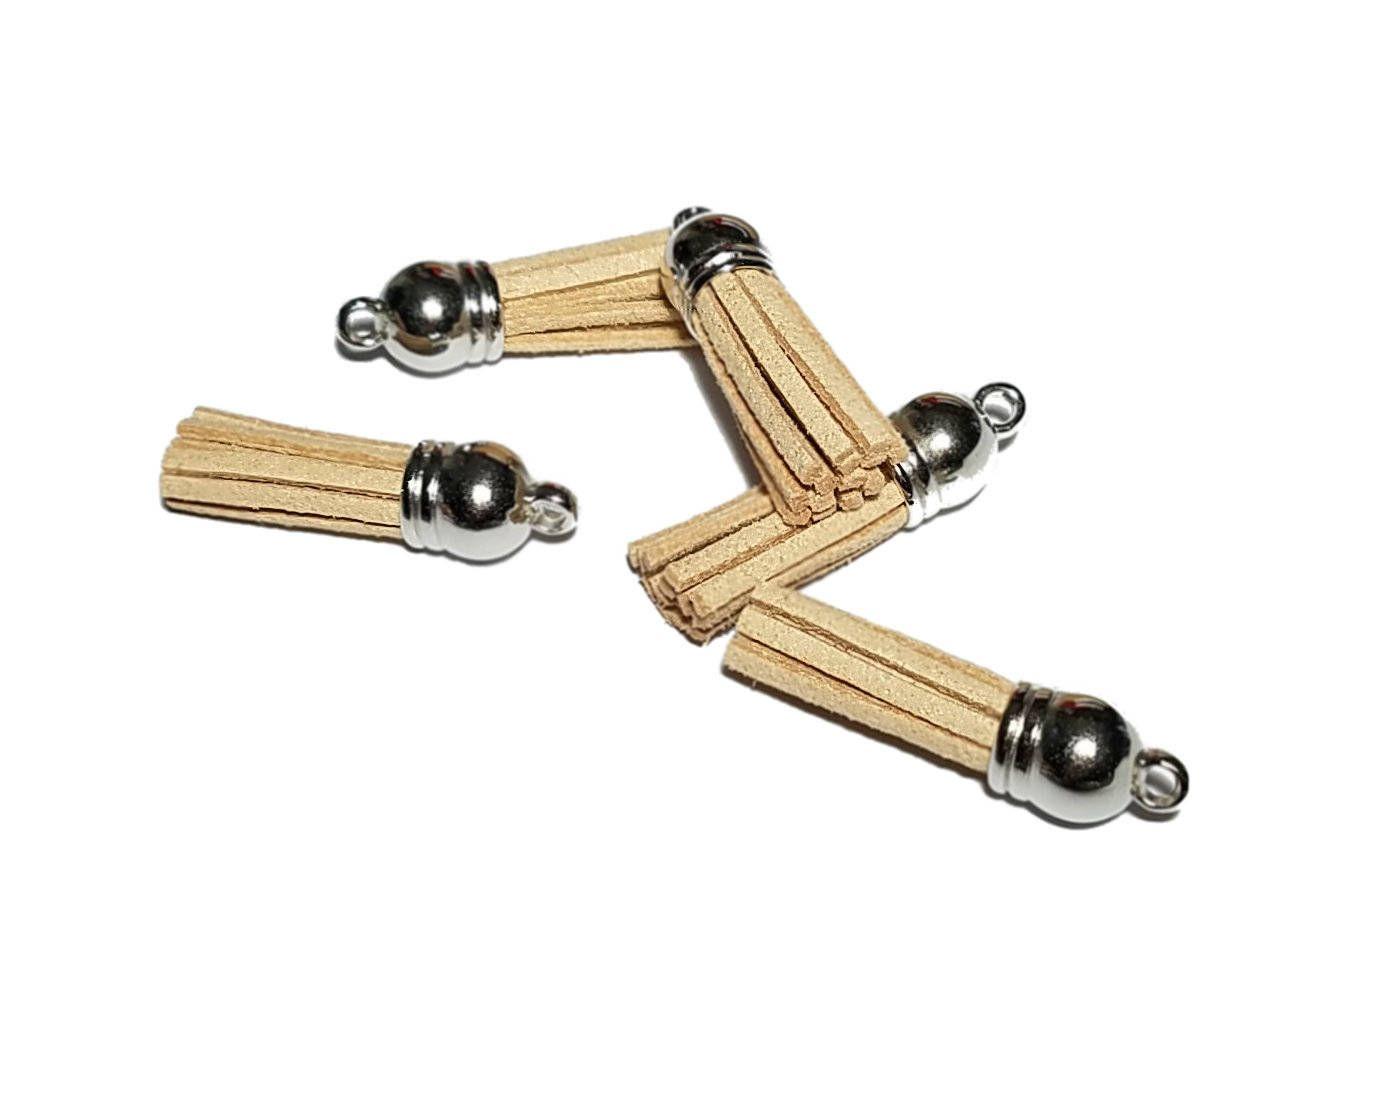 Tassels - 10 Beige Tassel Charms - Small Tassels - Silver Cap Diy Key Chain Tassels - Tassels For Jewelry Making, Wine Charms - TC-S114 #smallbiz #keepmaking